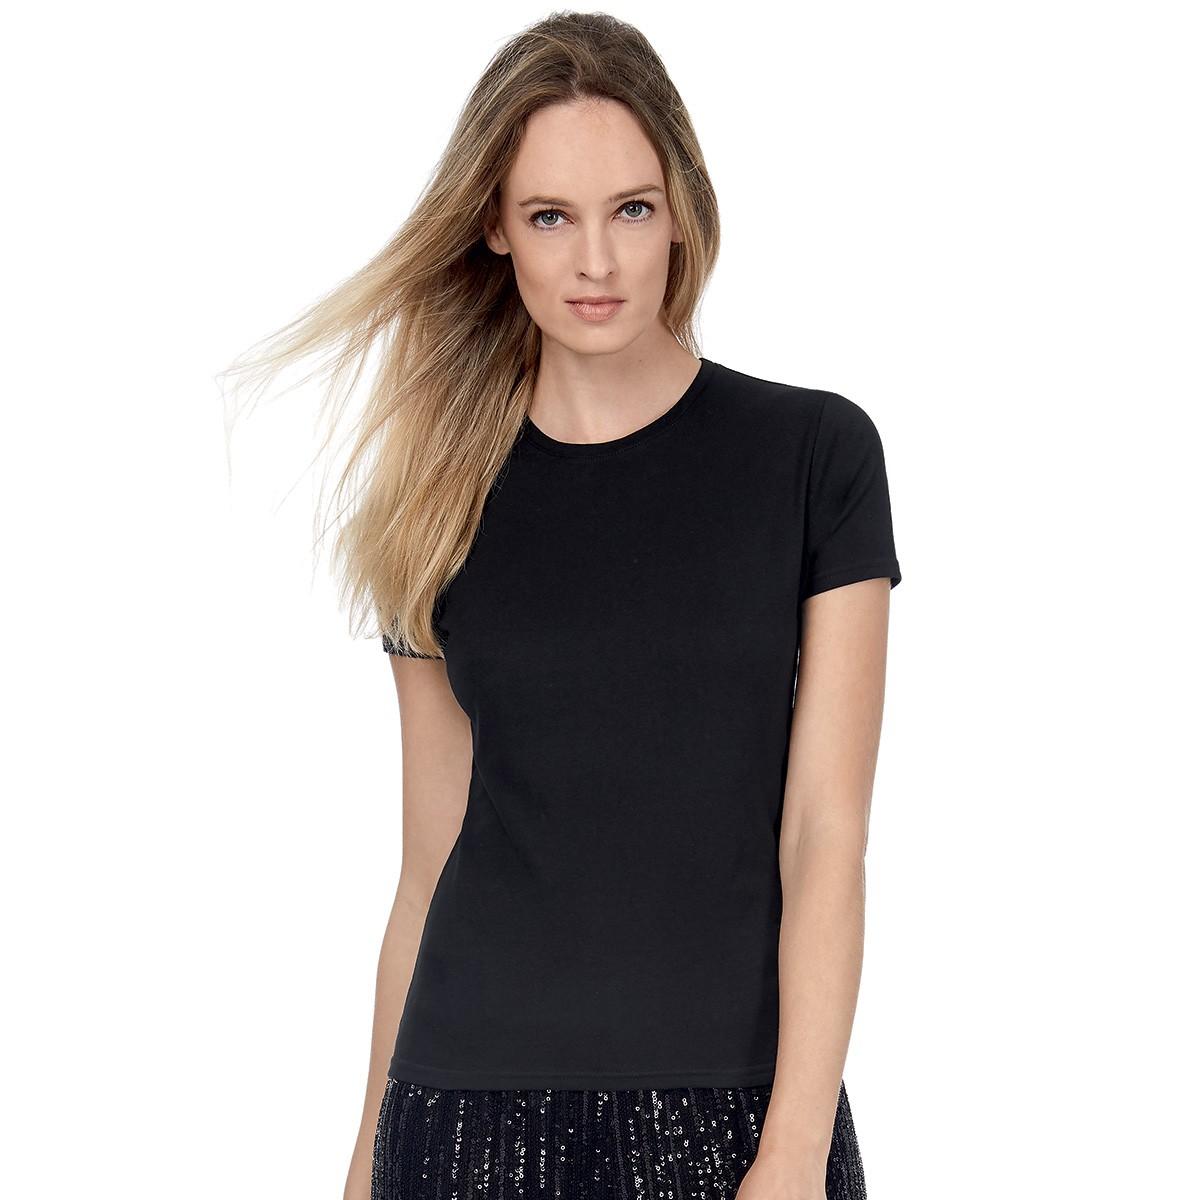 T-Shirt B C Donna BCTW012 WOMEN-ONLY T-SHIRT 100% COTONE 0d8046a1e0